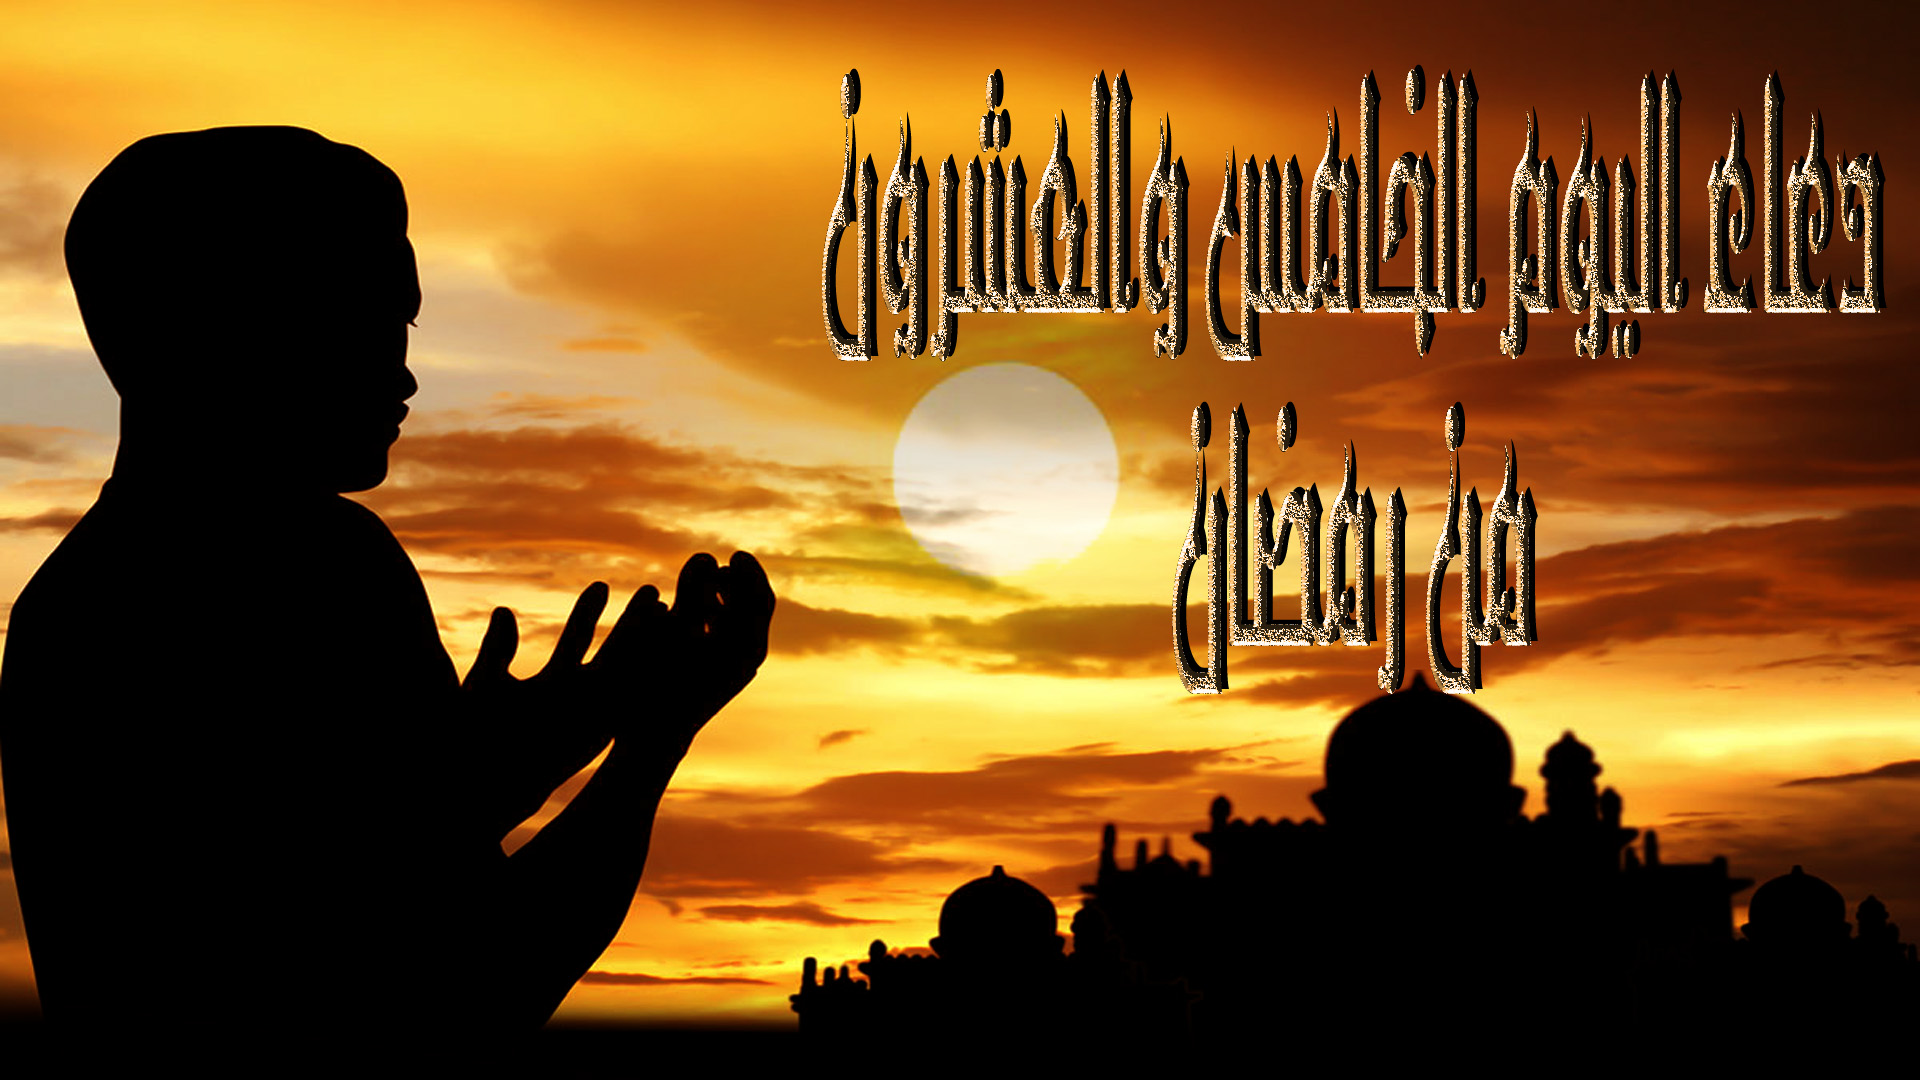 أدعية أيام شهر رمضان ( دعاء اليوم الخامس والعشرون )